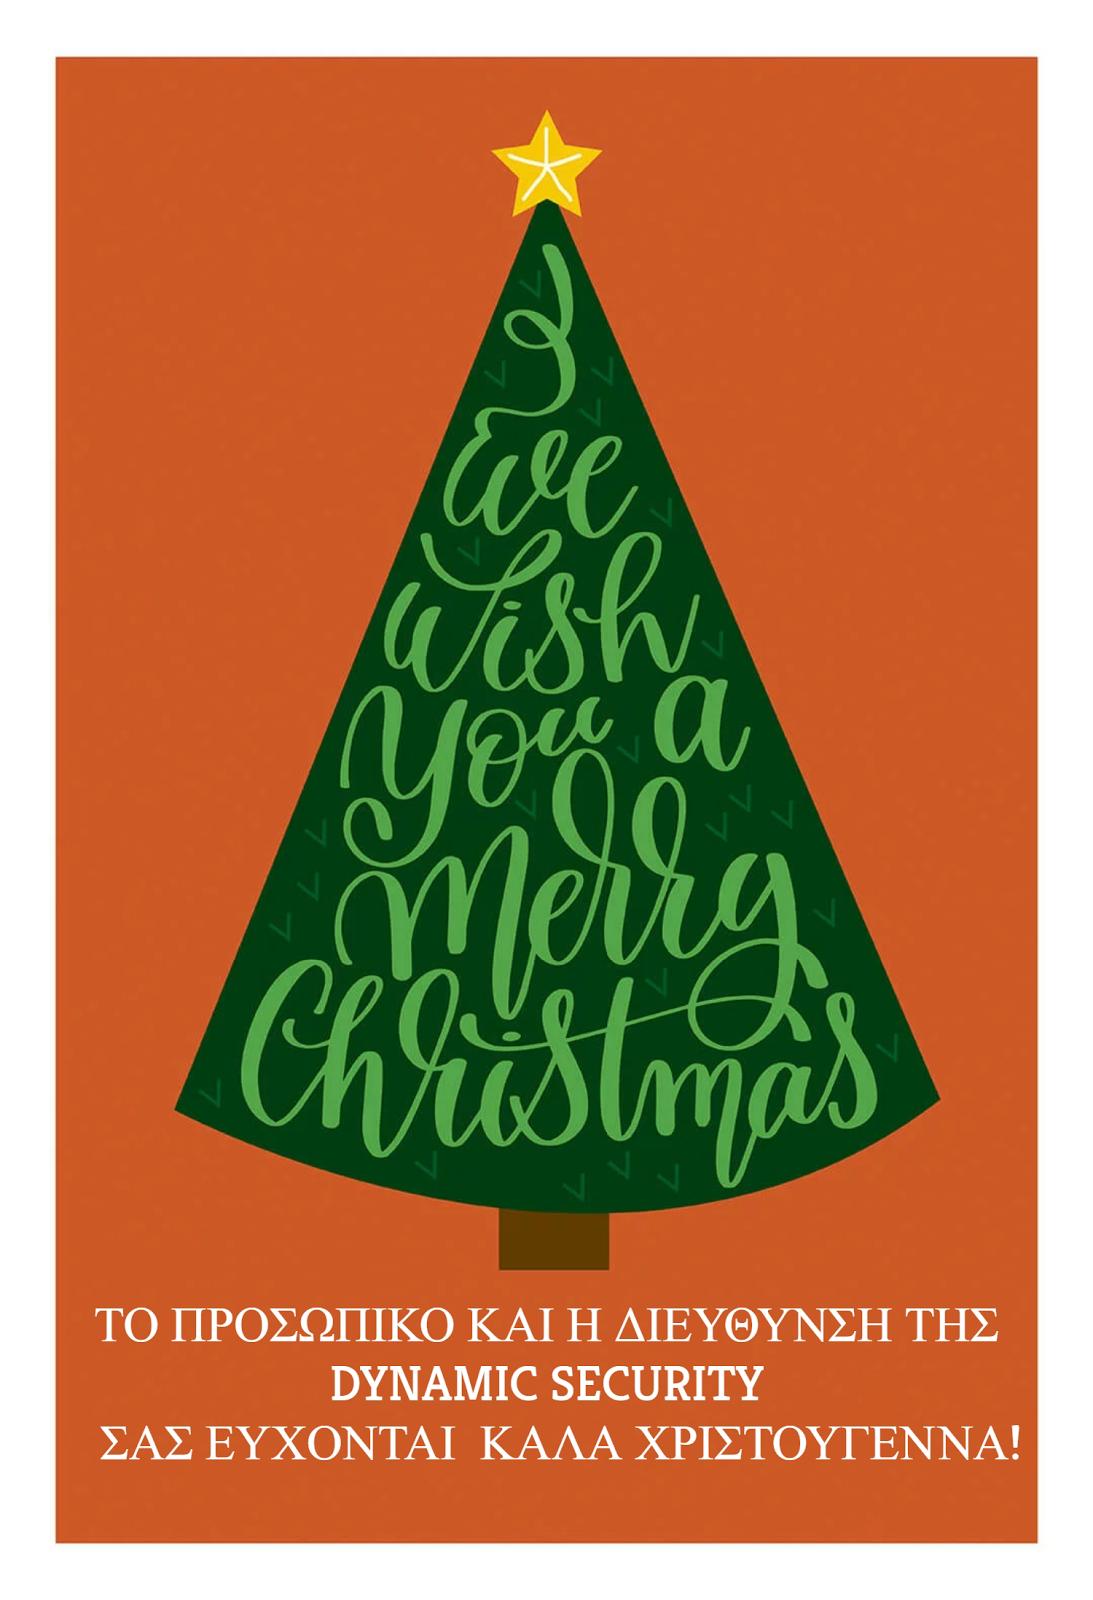 Καλες Γιορτες!